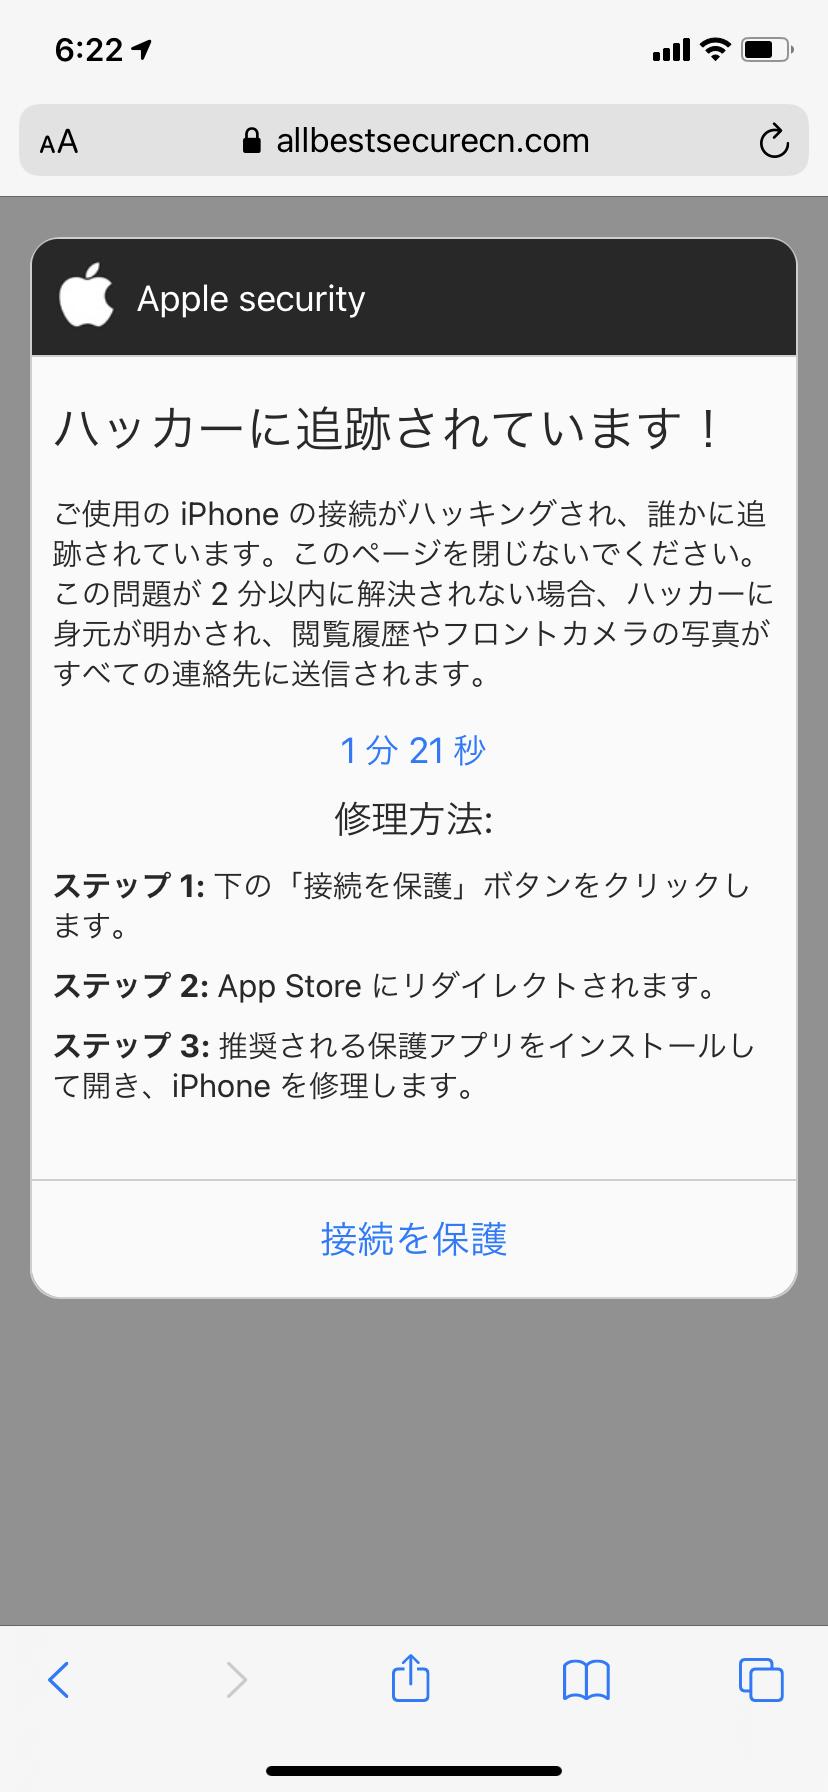 た 警告 まし ハッキング iphone が され